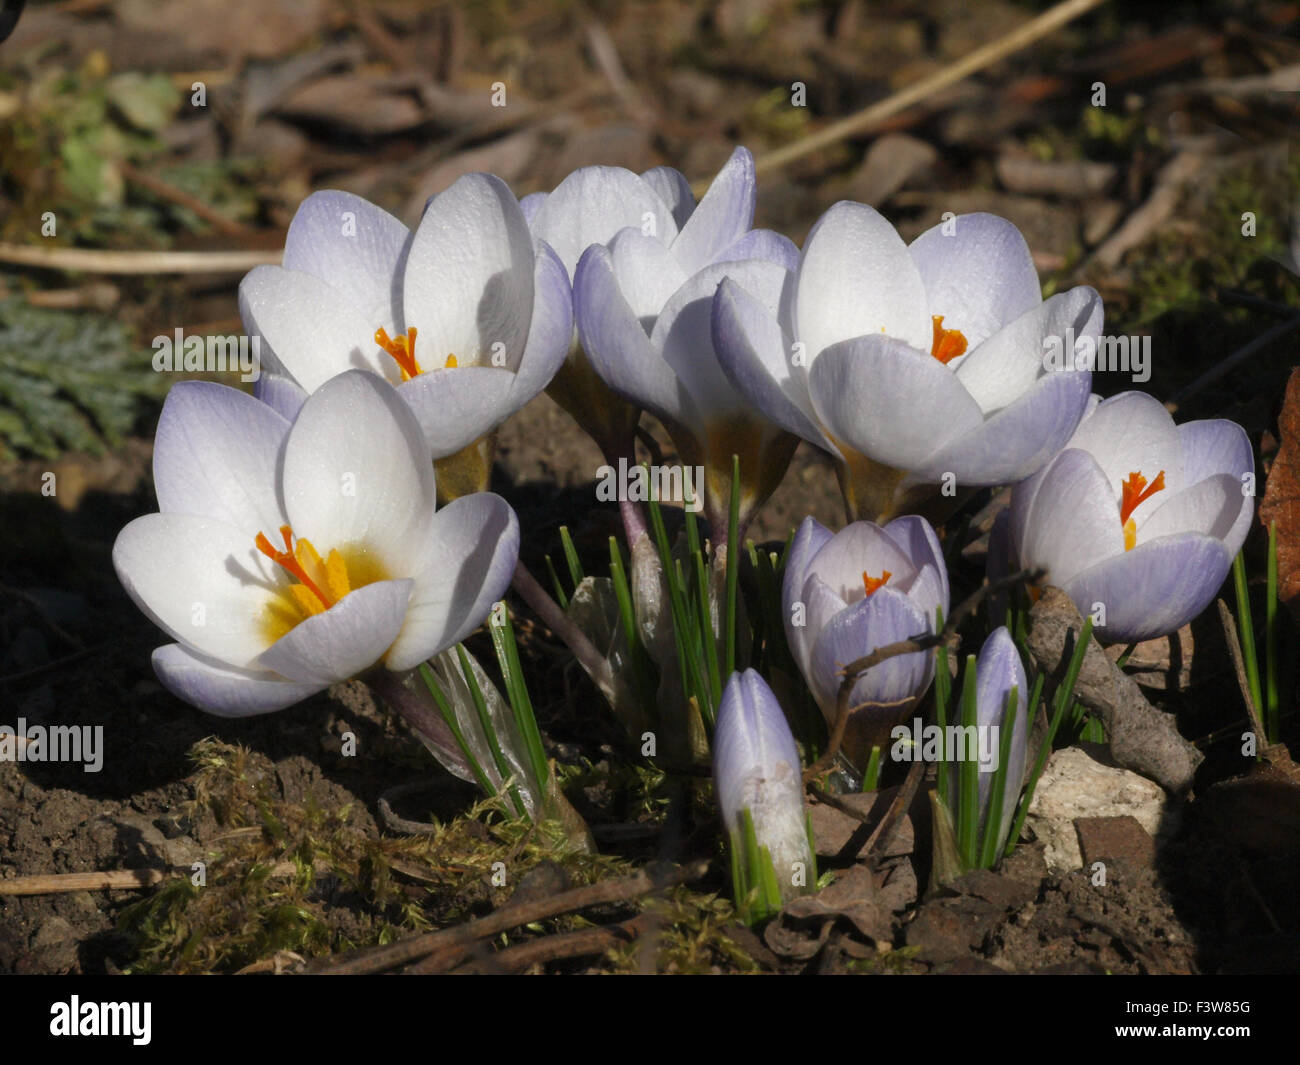 Spring Awakening - Stock Image